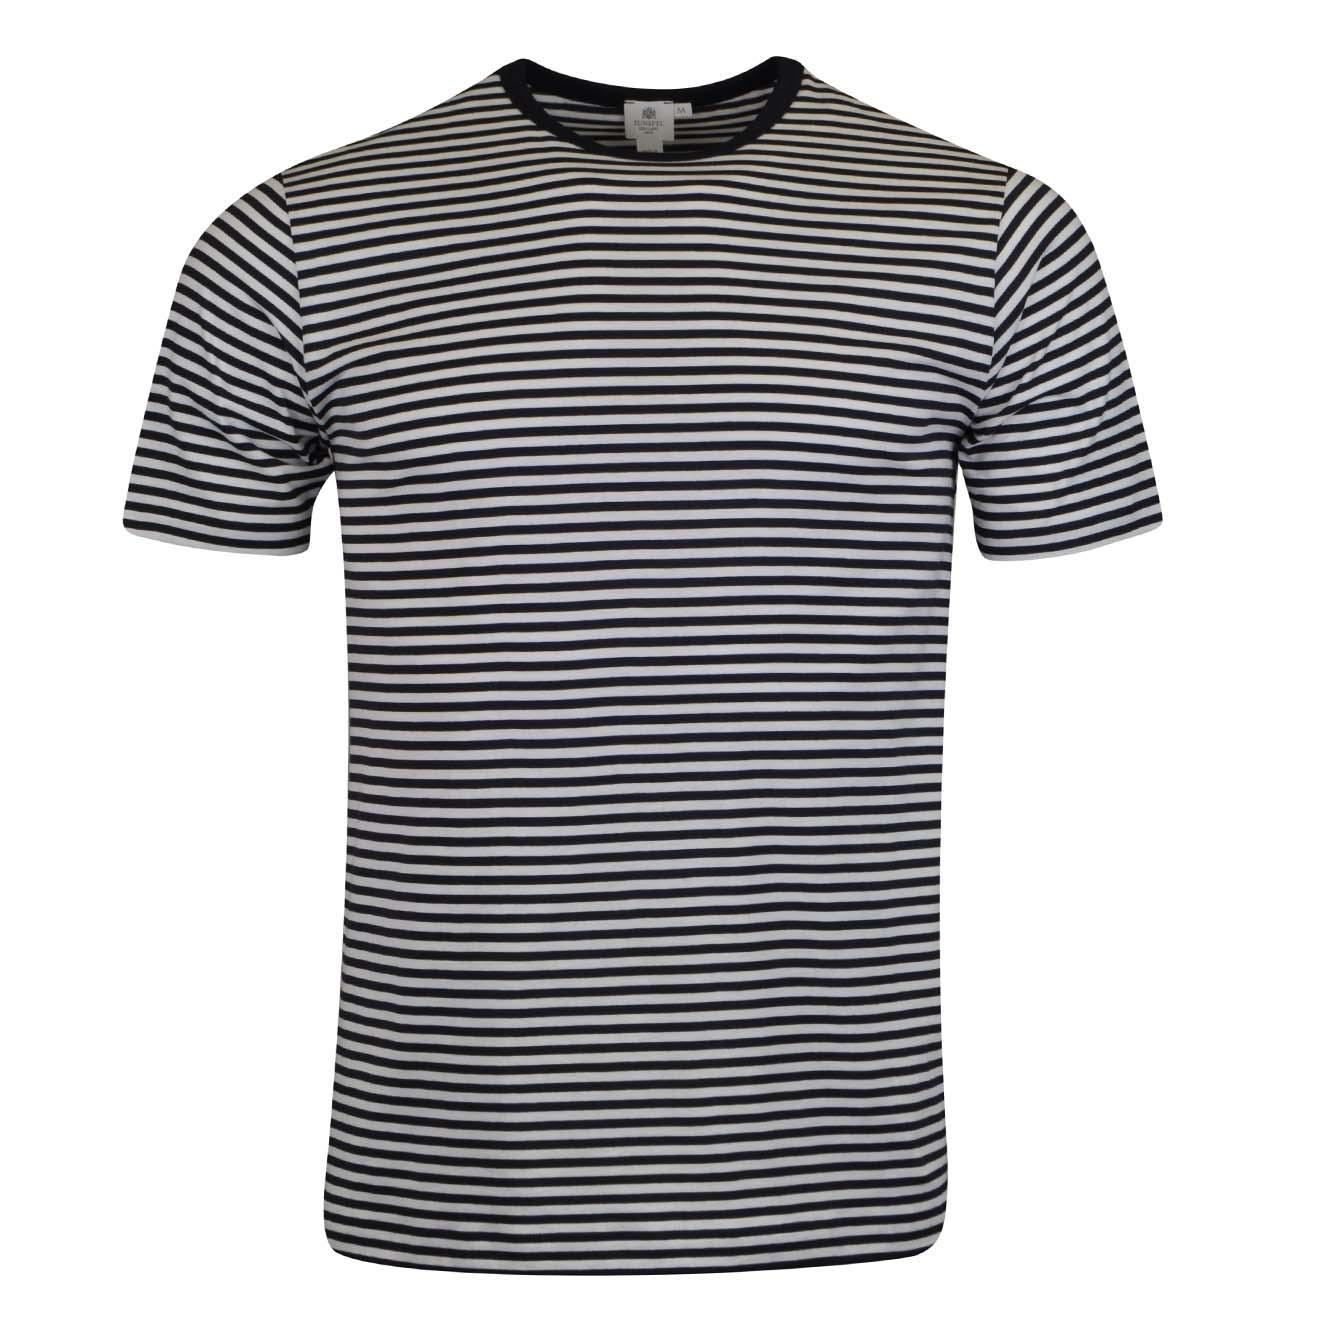 Sunspel Short Sleeve Striped Crew Neck T-Shirt White Navy